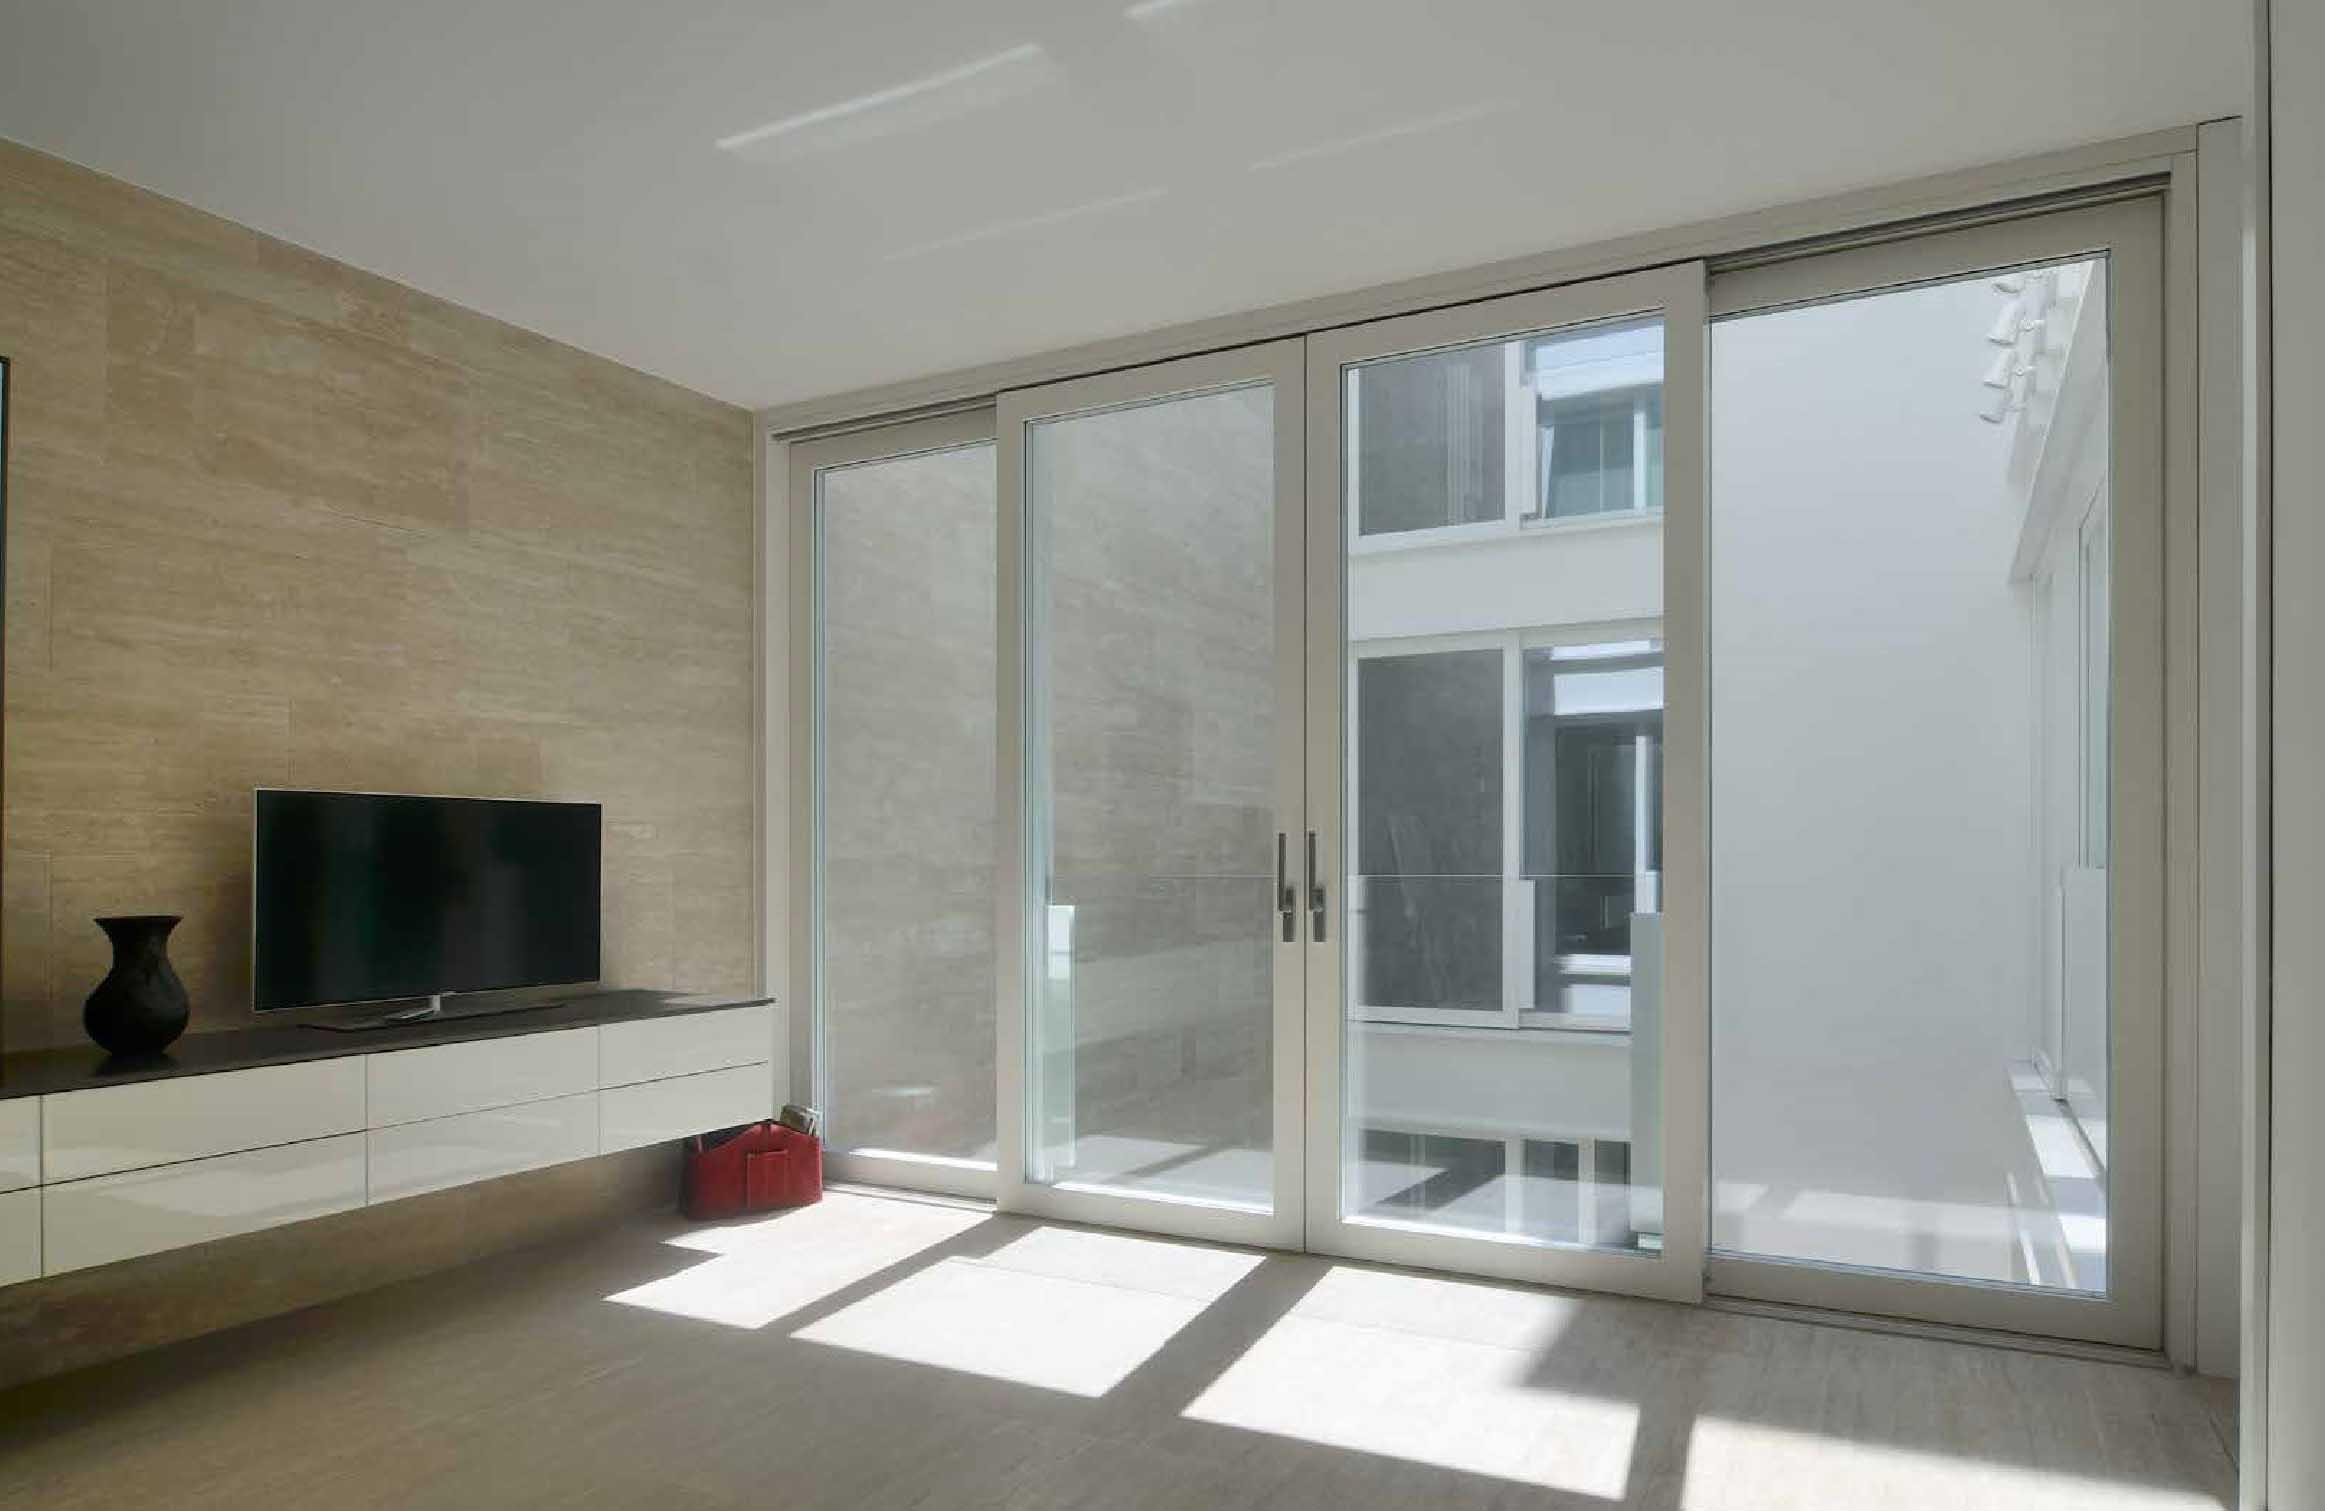 Serramenti grate di sicurezza su misura per la tua casa slcm - Condensa su finestre in alluminio ...